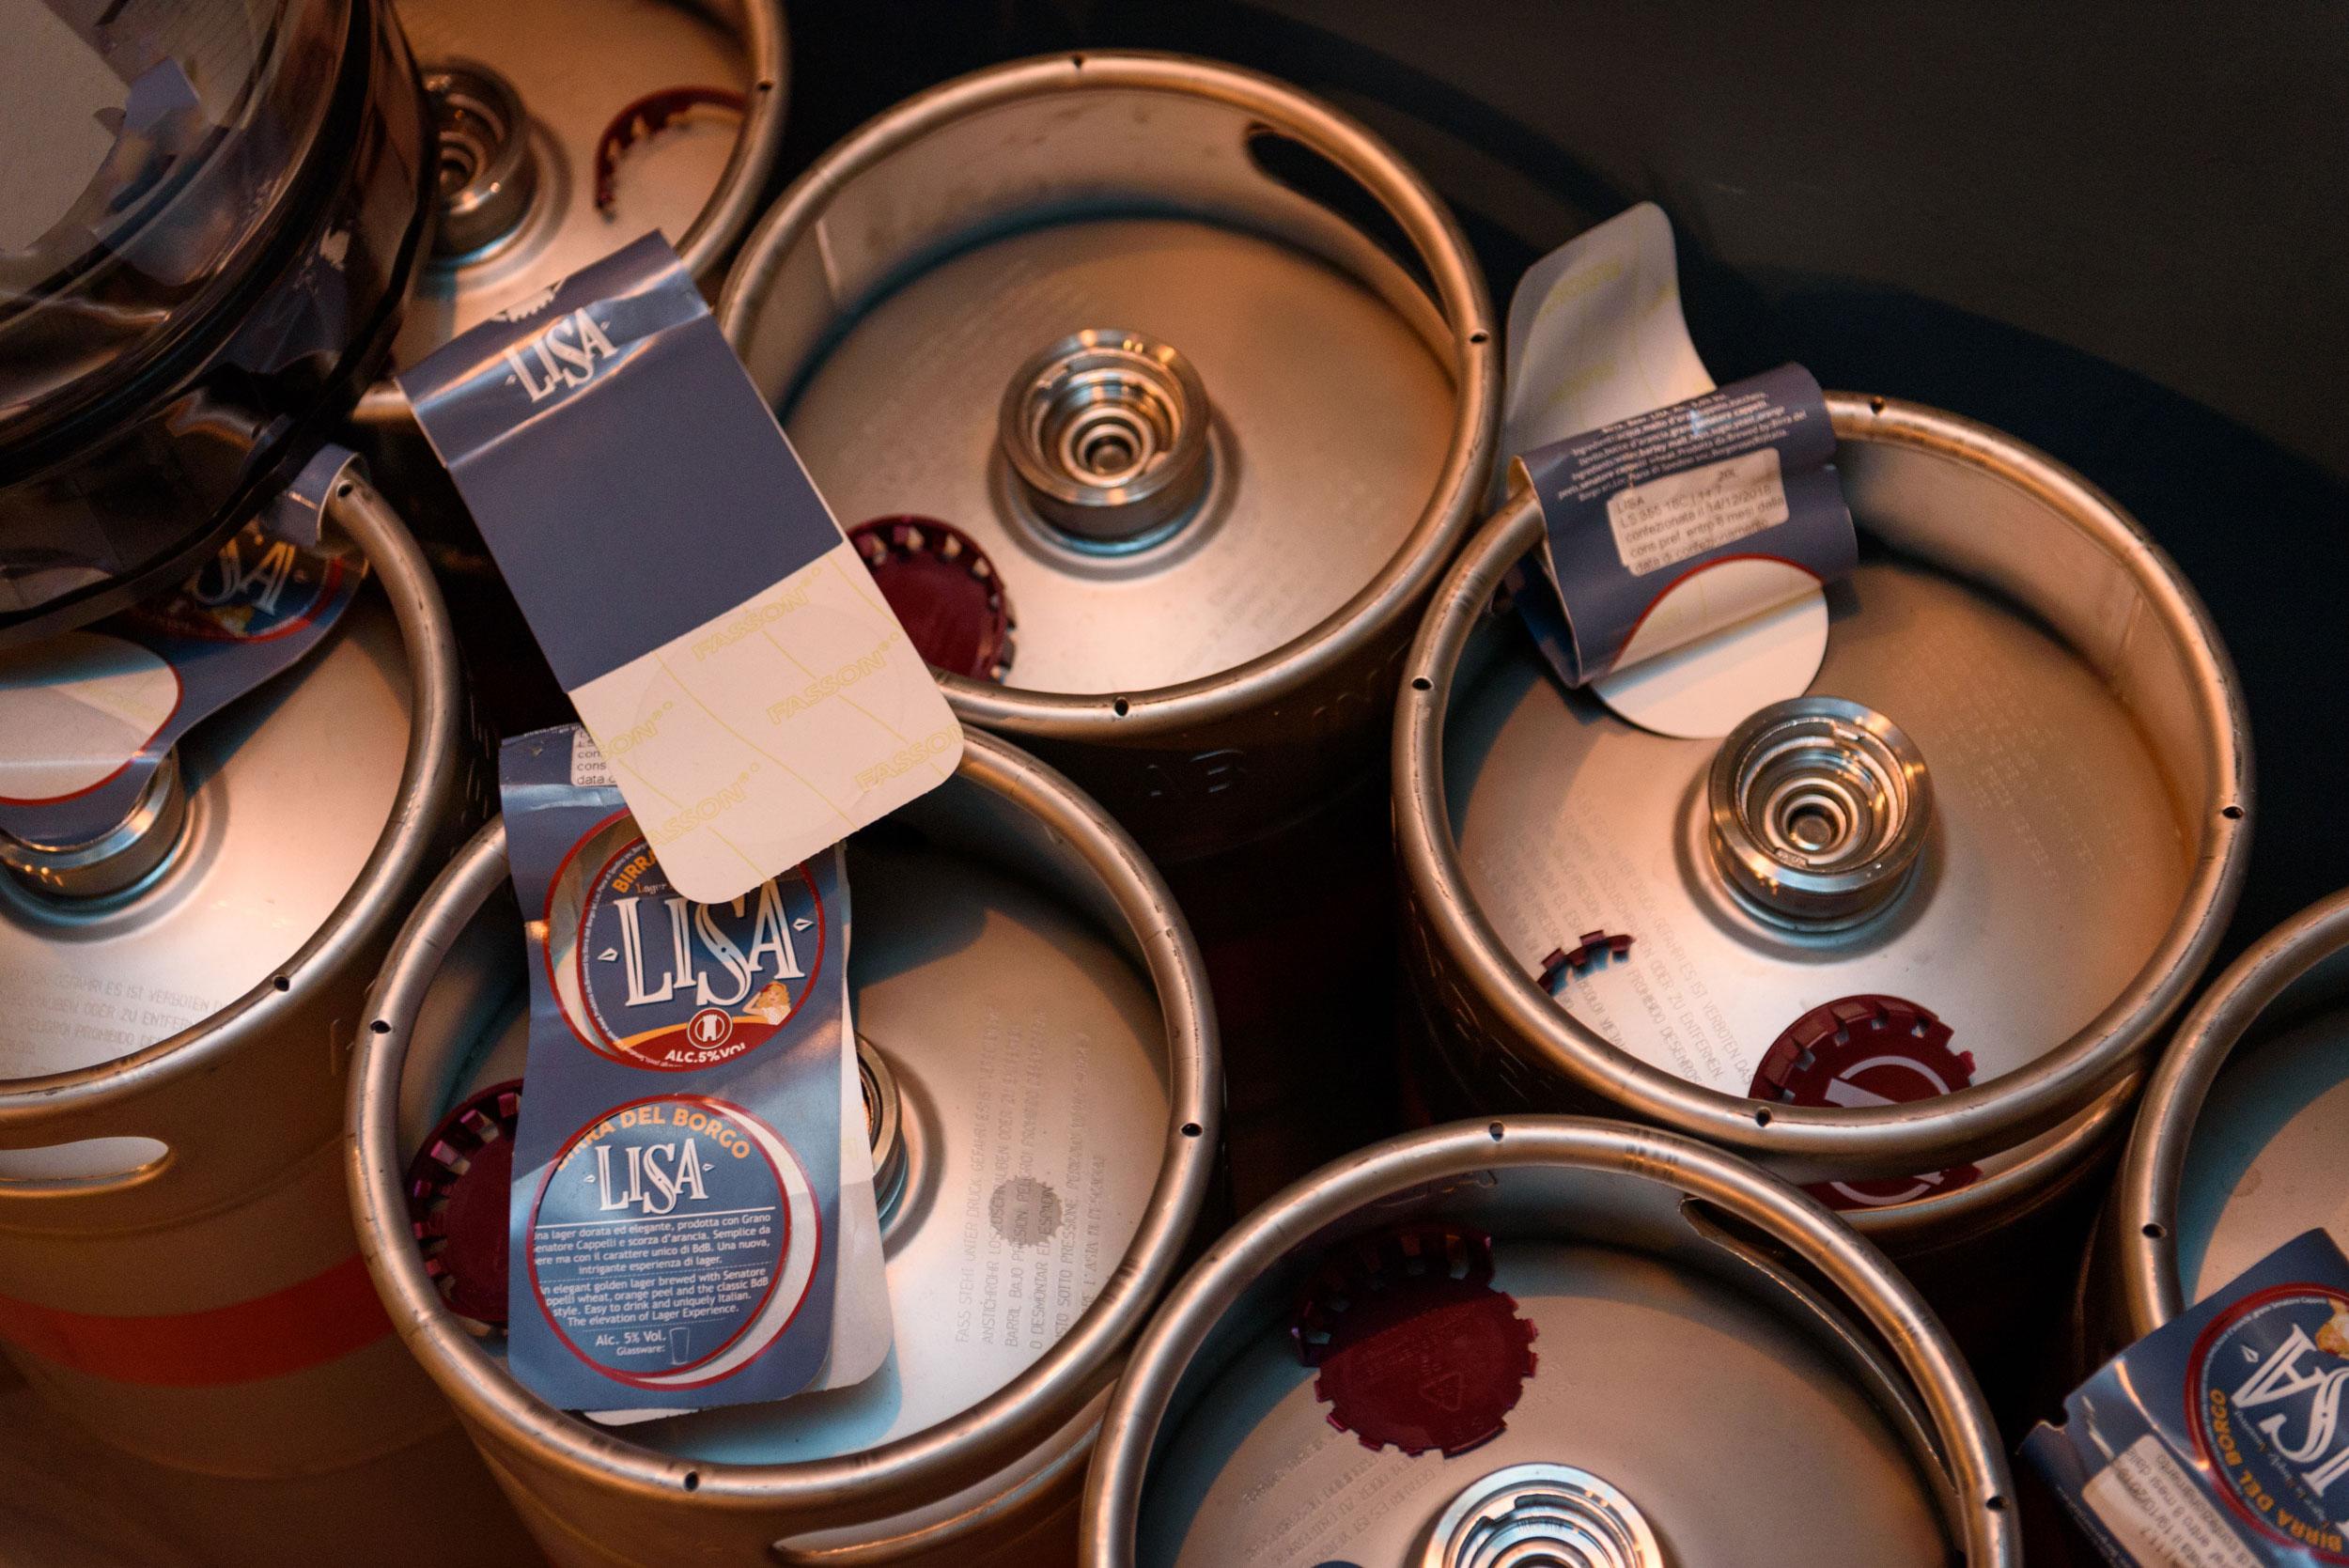 Birra-Lisa-Fusti